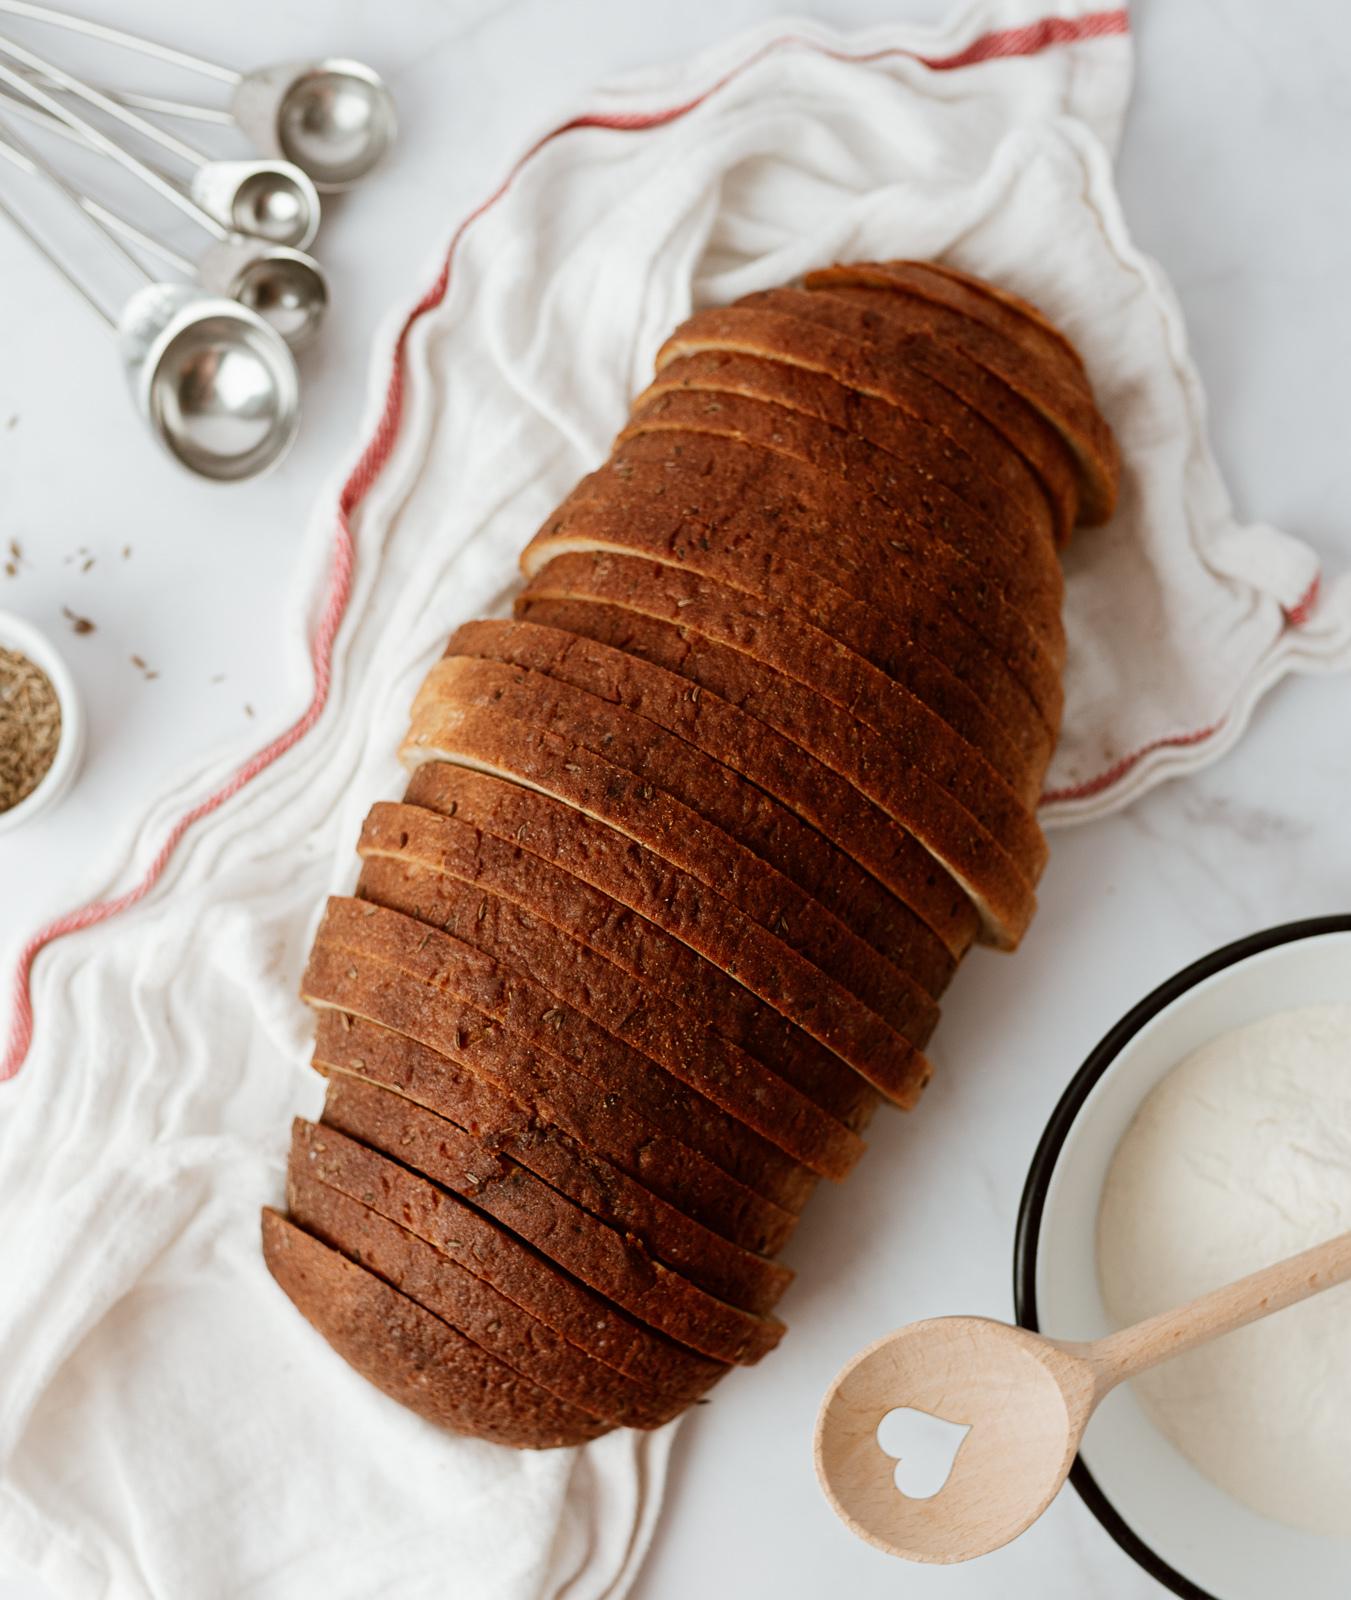 Biržų plikyta duona